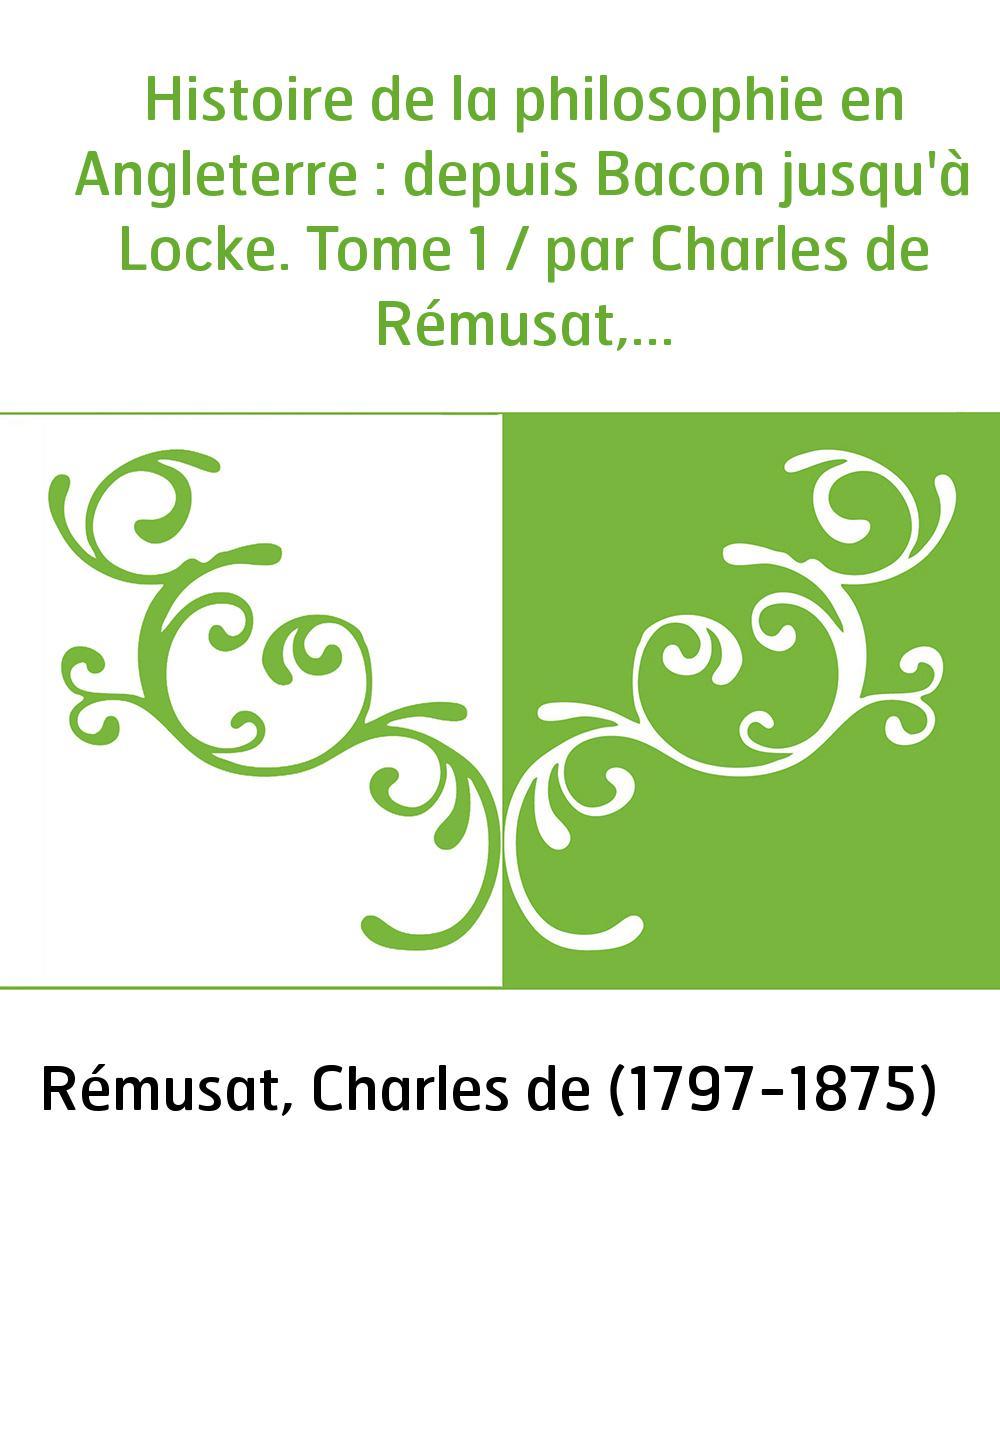 Histoire de la philosophie en Angleterre : depuis Bacon jusqu'à Locke. Tome 1 / par Charles de Rémusat,...